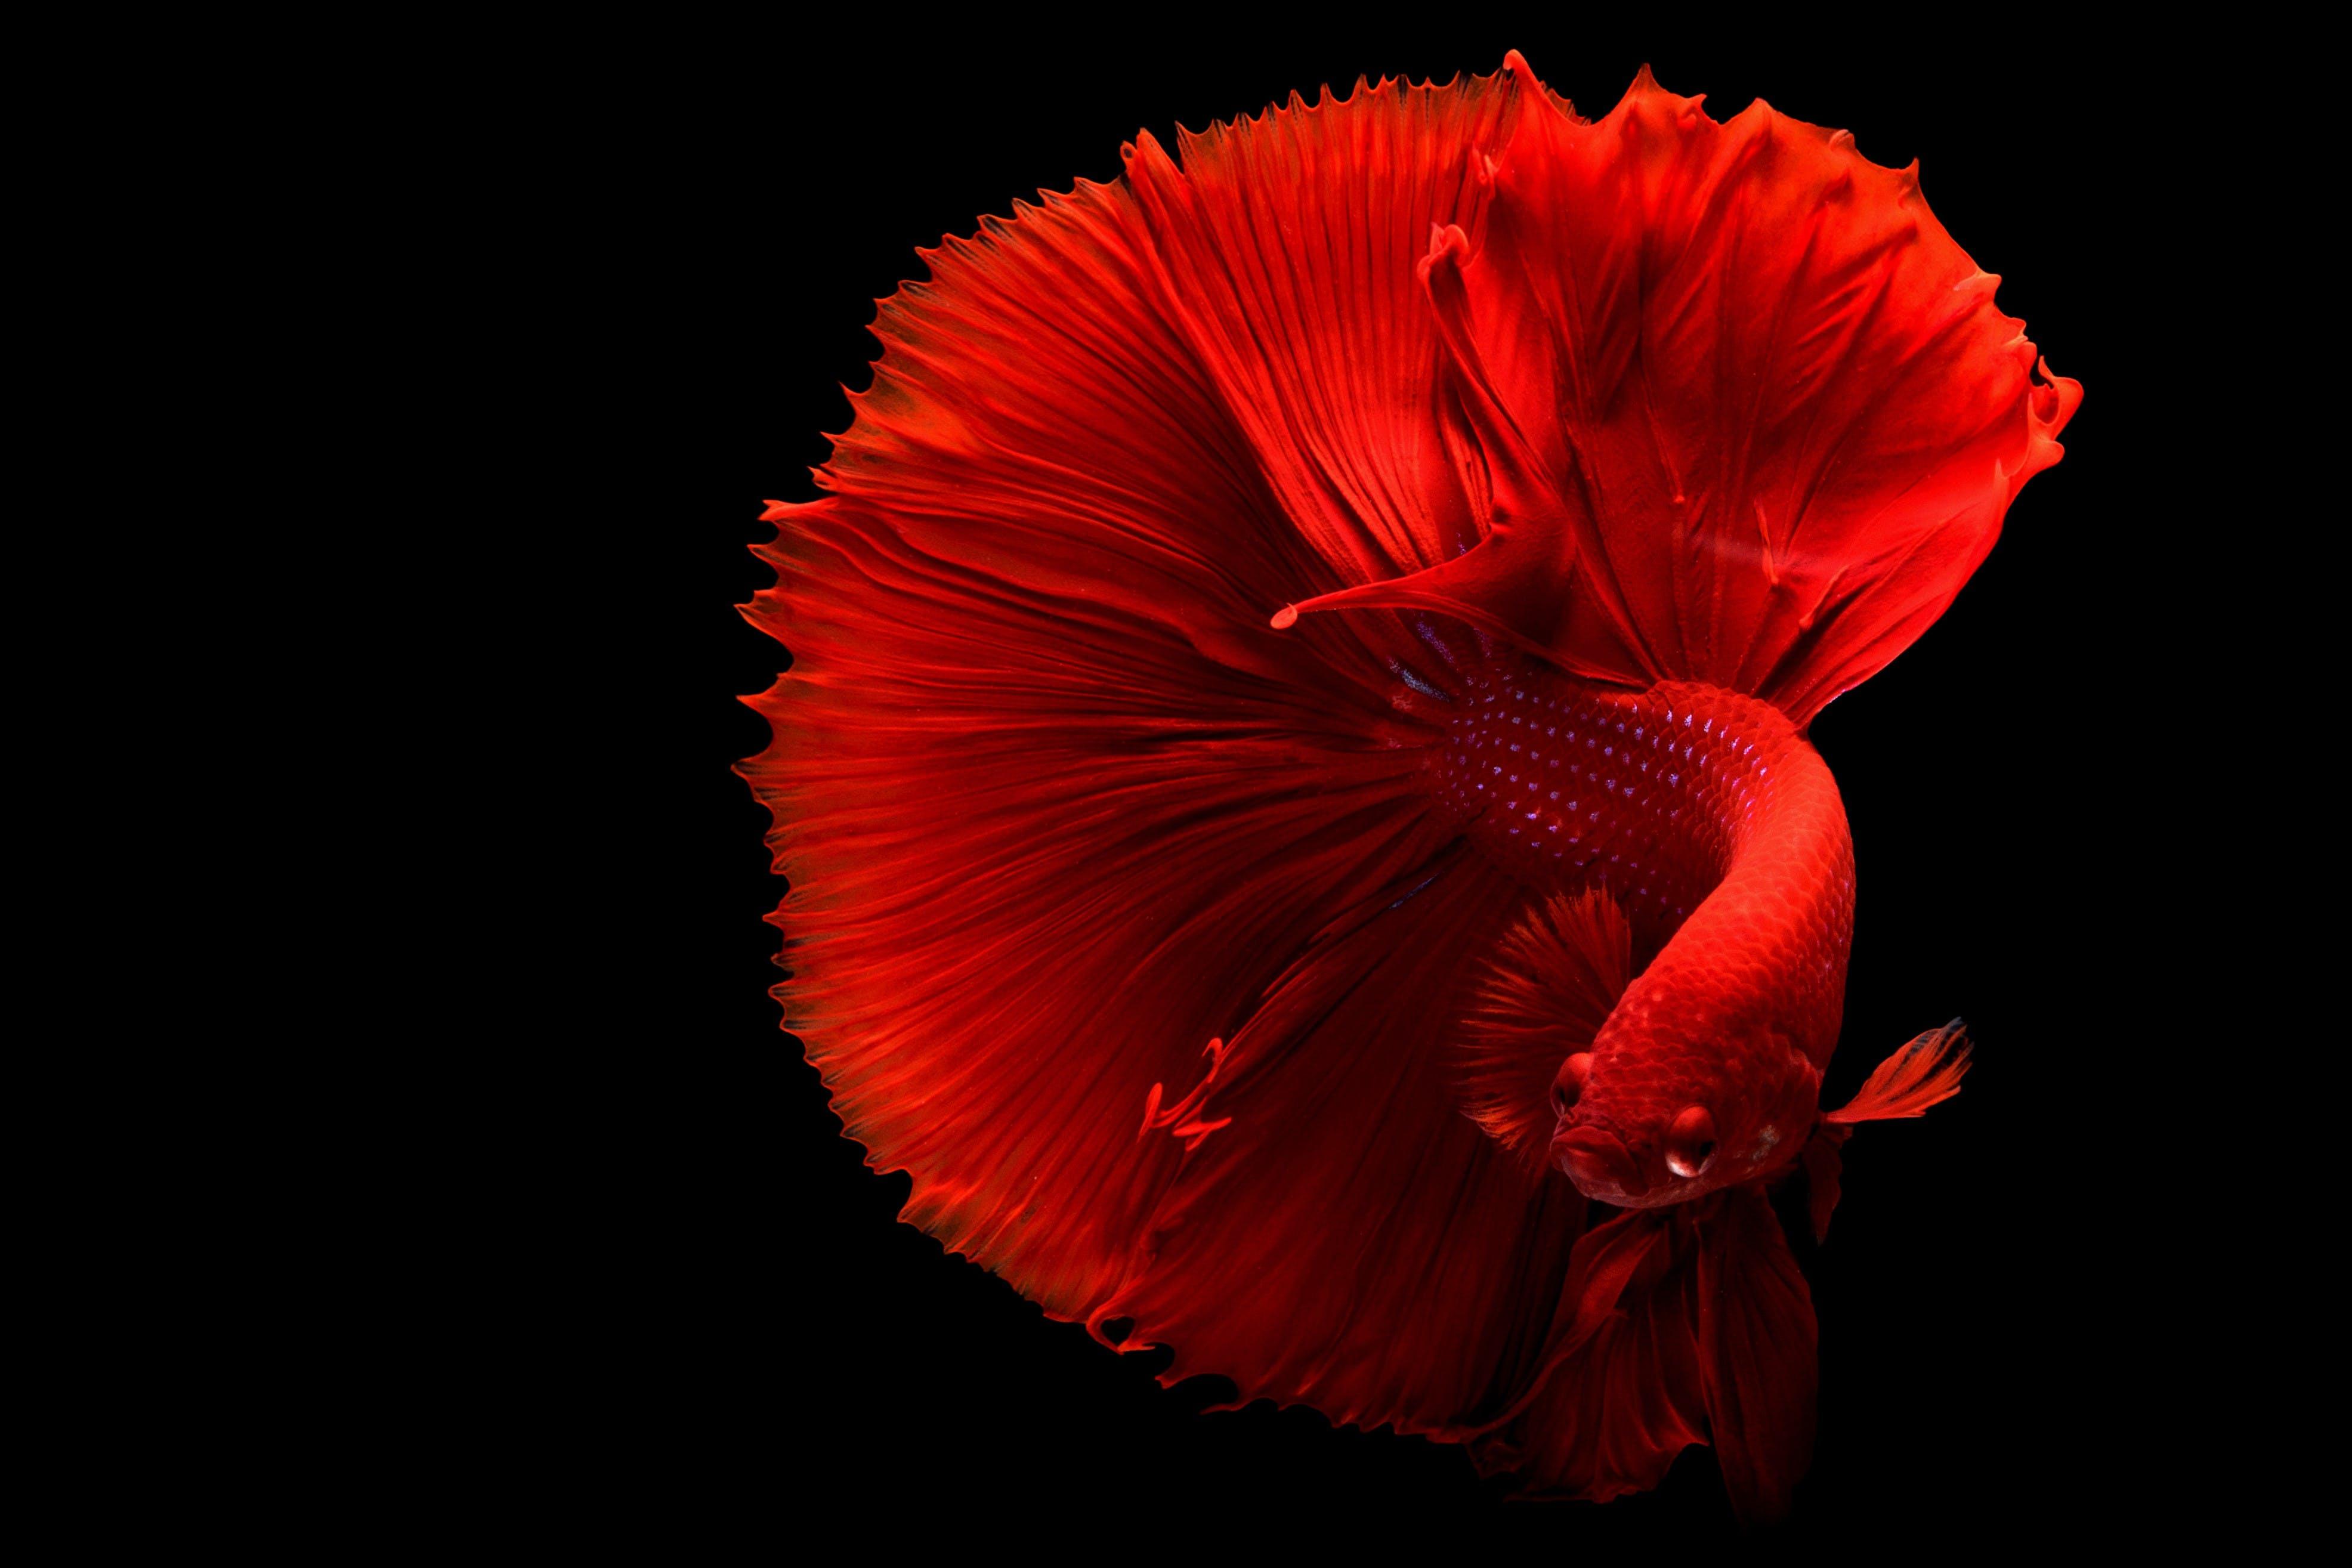 คลังภาพถ่ายฟรี ของ ปลา, ปลากัด, พื้นหลังเดสก์ทอป, วอลล์เปเปอร์ HD